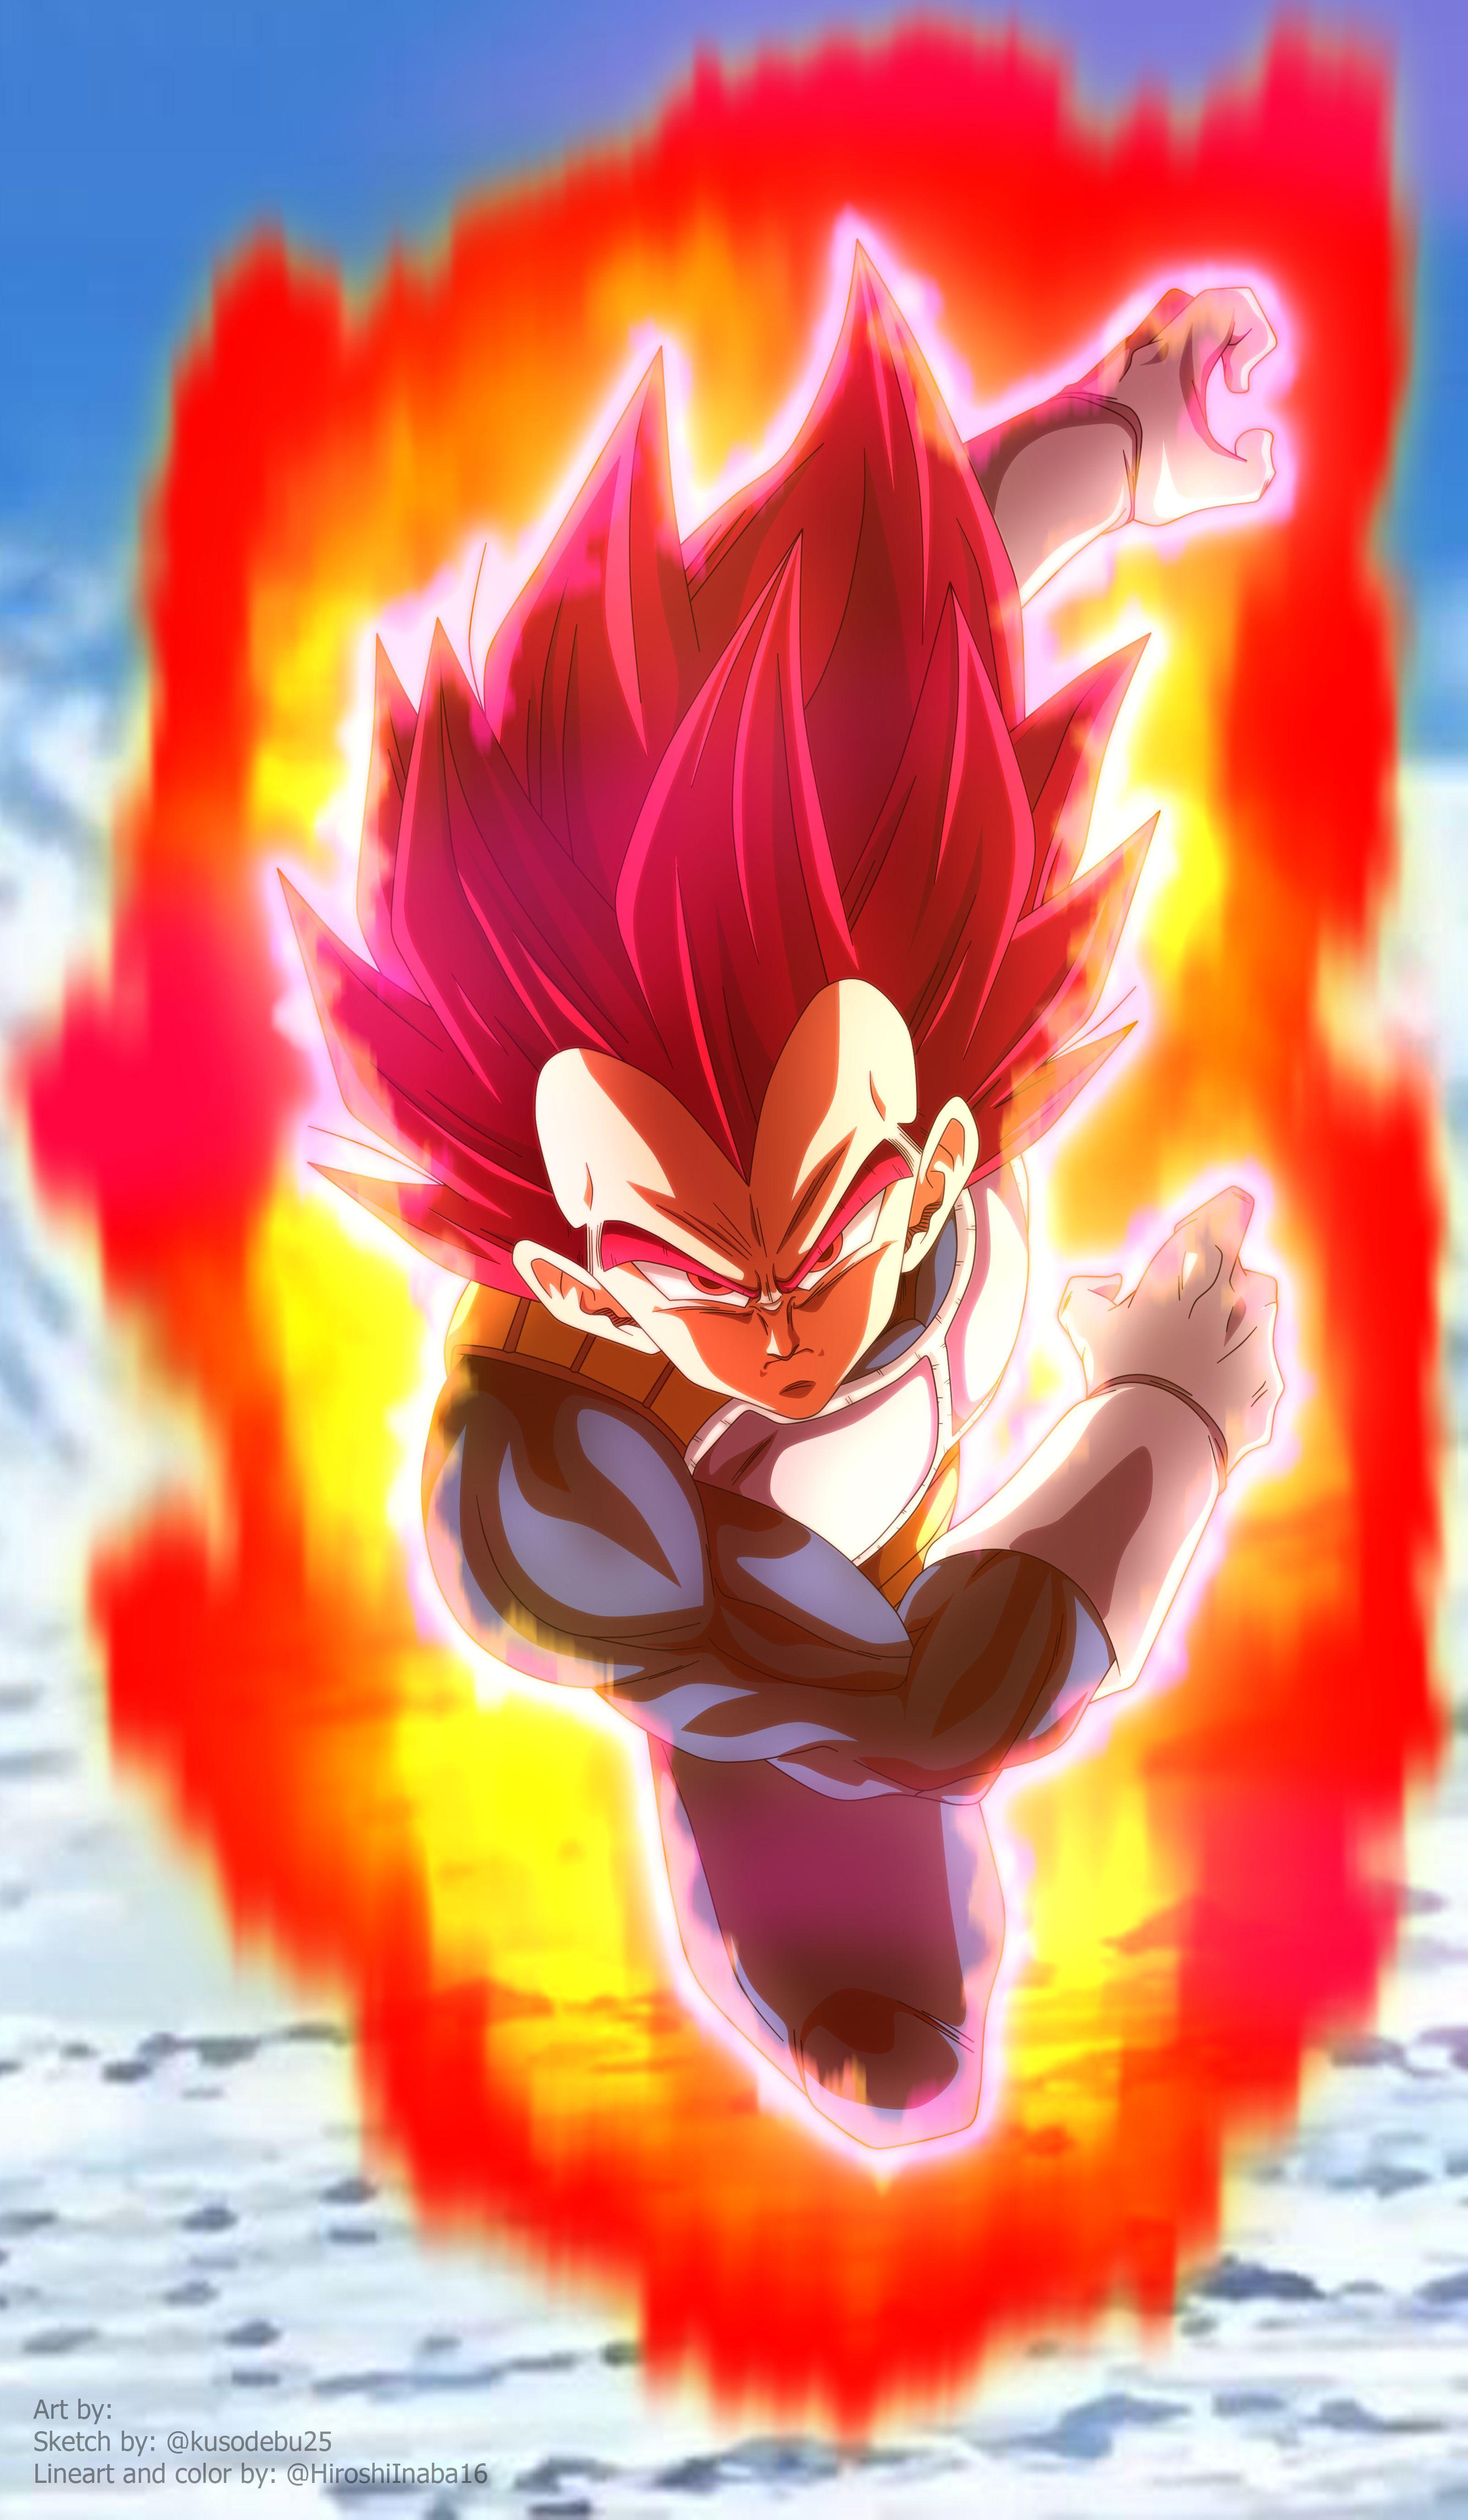 Vegeta Super Saiyan God Anime Dragon Ball Super Dragon Ball Super Manga Dragon Ball Goku